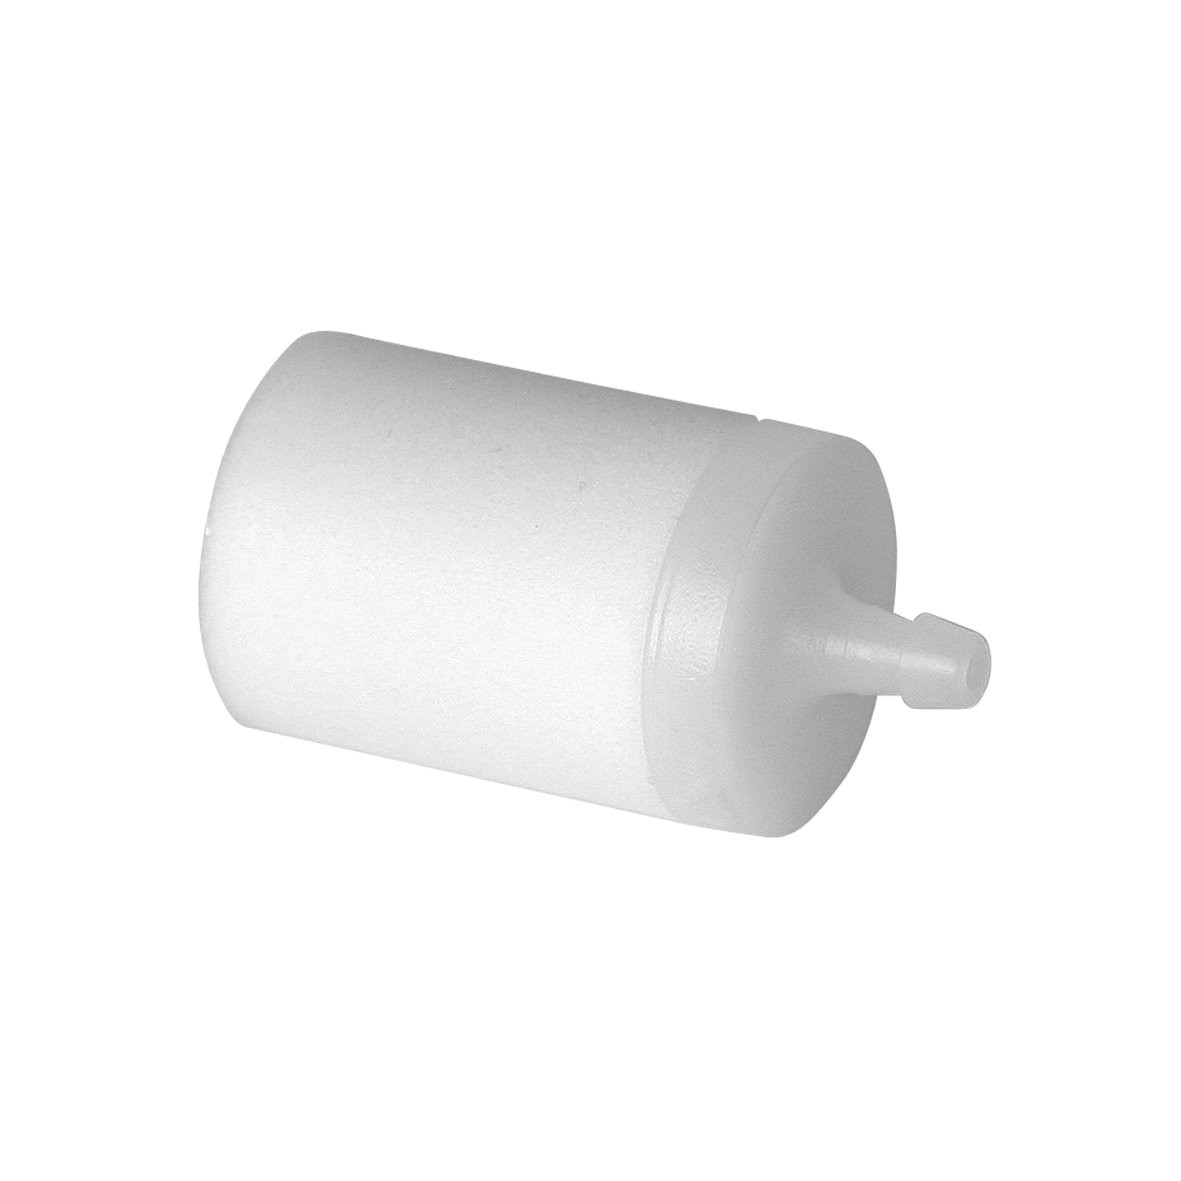 Univerzální palivový filtr pro pily - 3,5 mm (typ: Husqvarna)